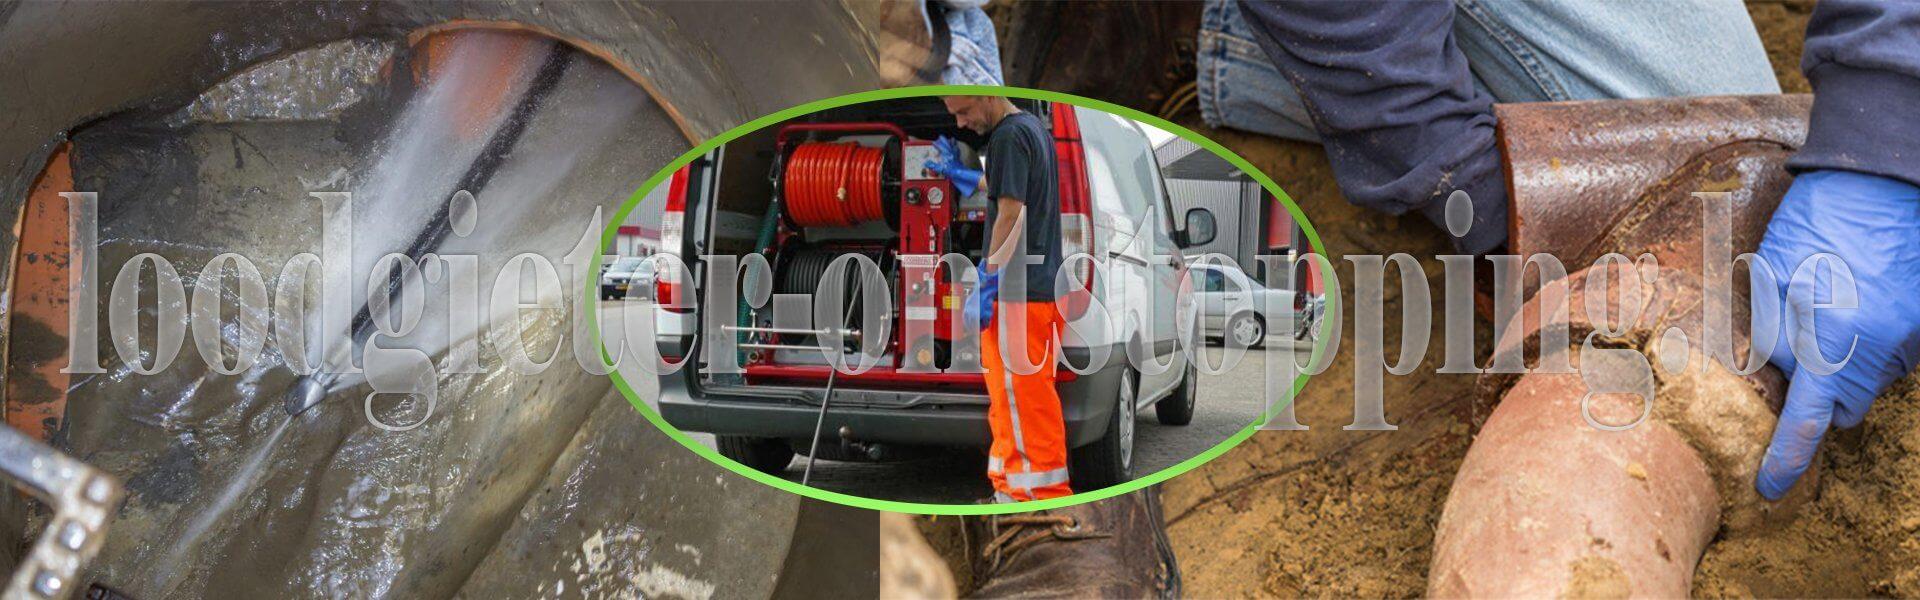 Loodgietersdienst & Ontstoppingsdienst Riool